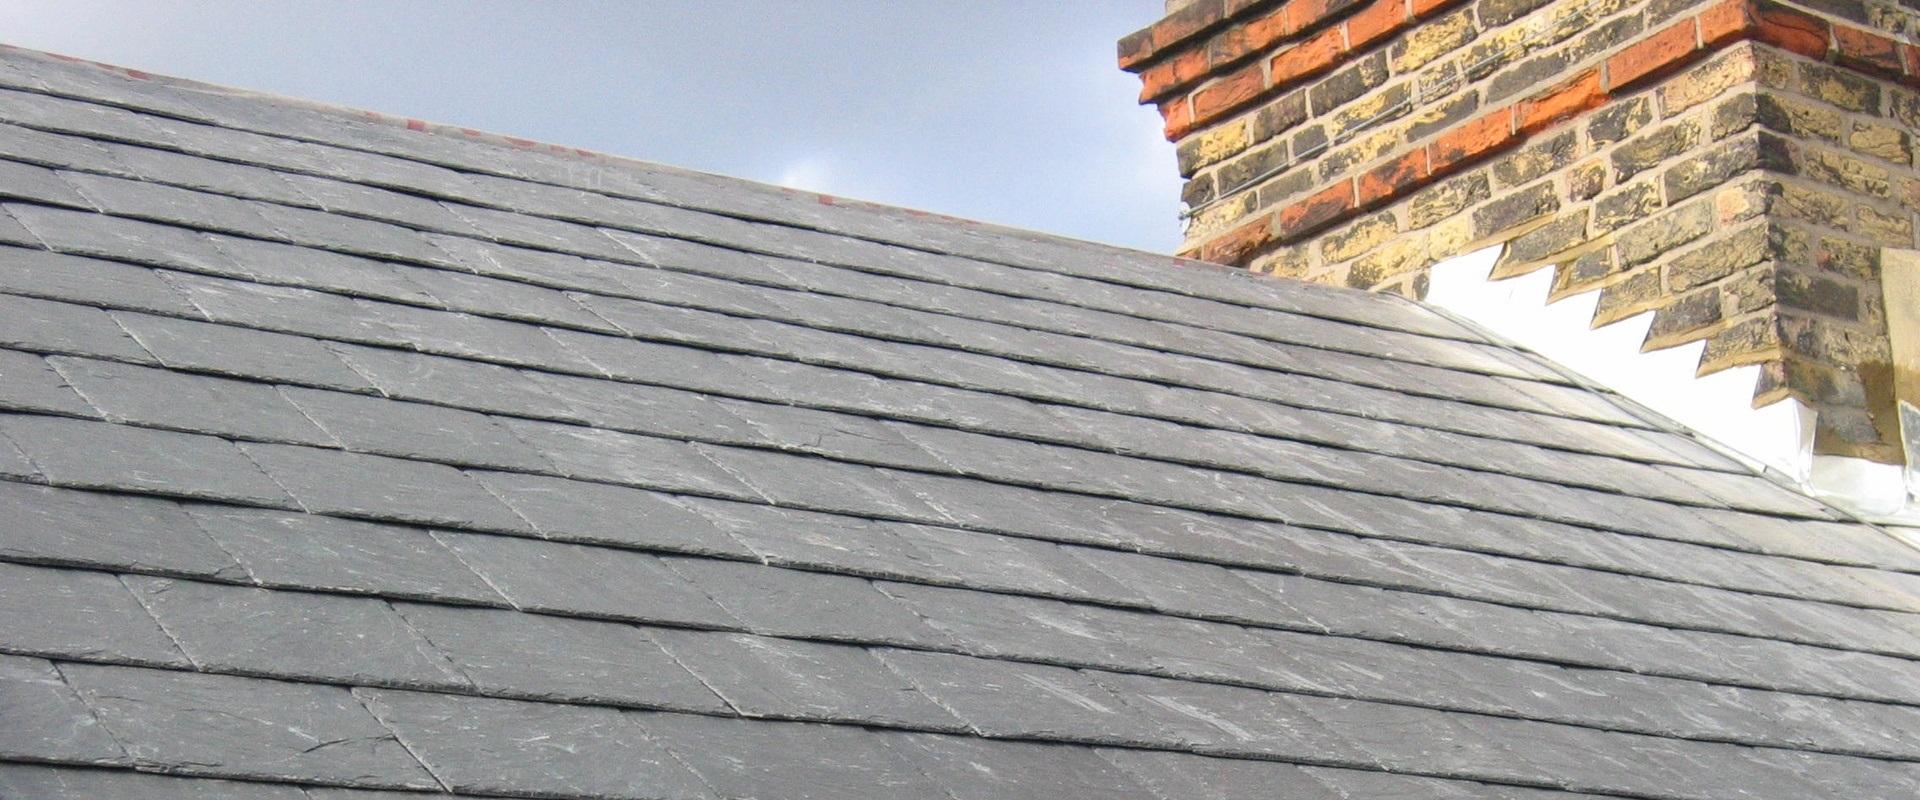 New Slate Roof Dublin